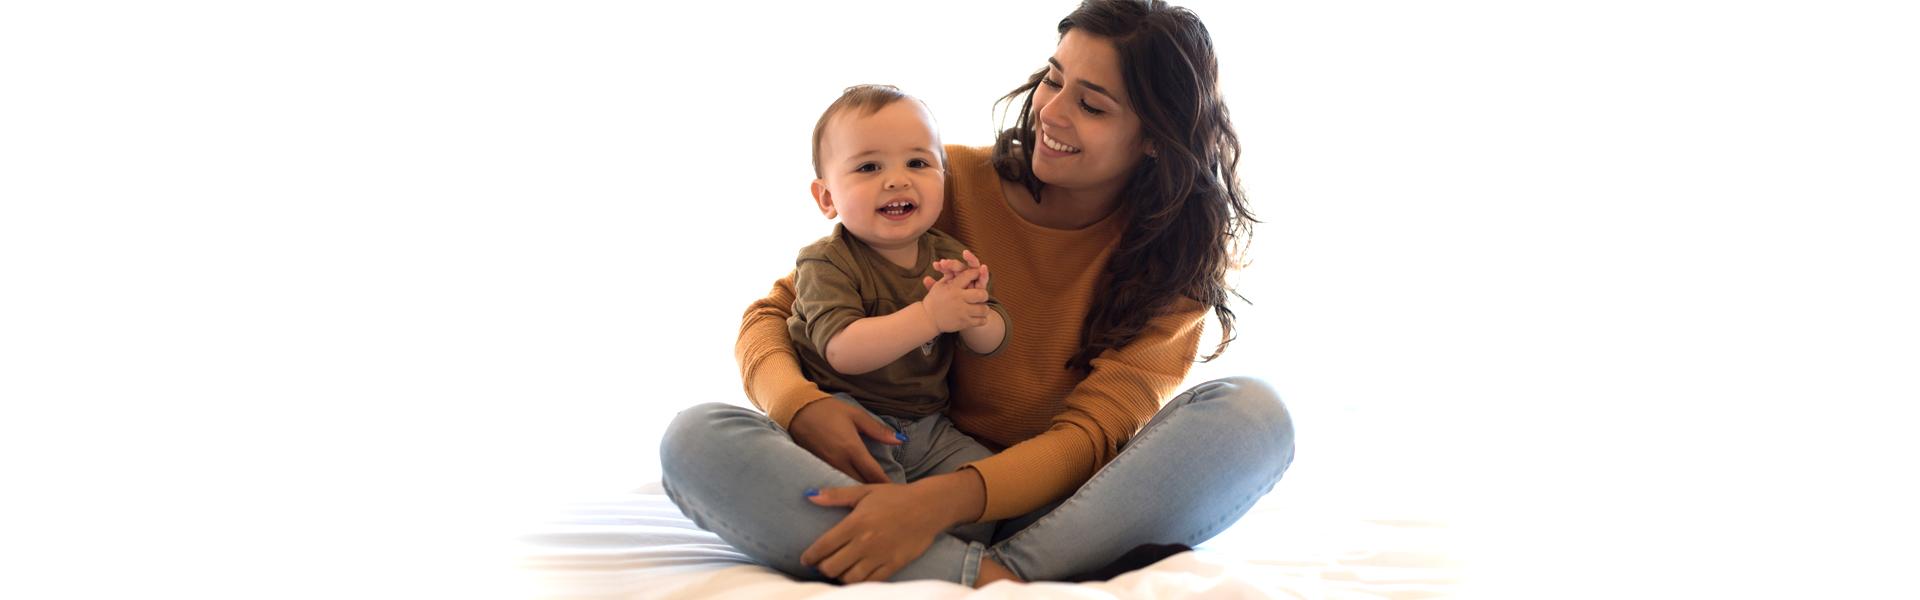 Understand 7 Challenging Toddler Behaviors